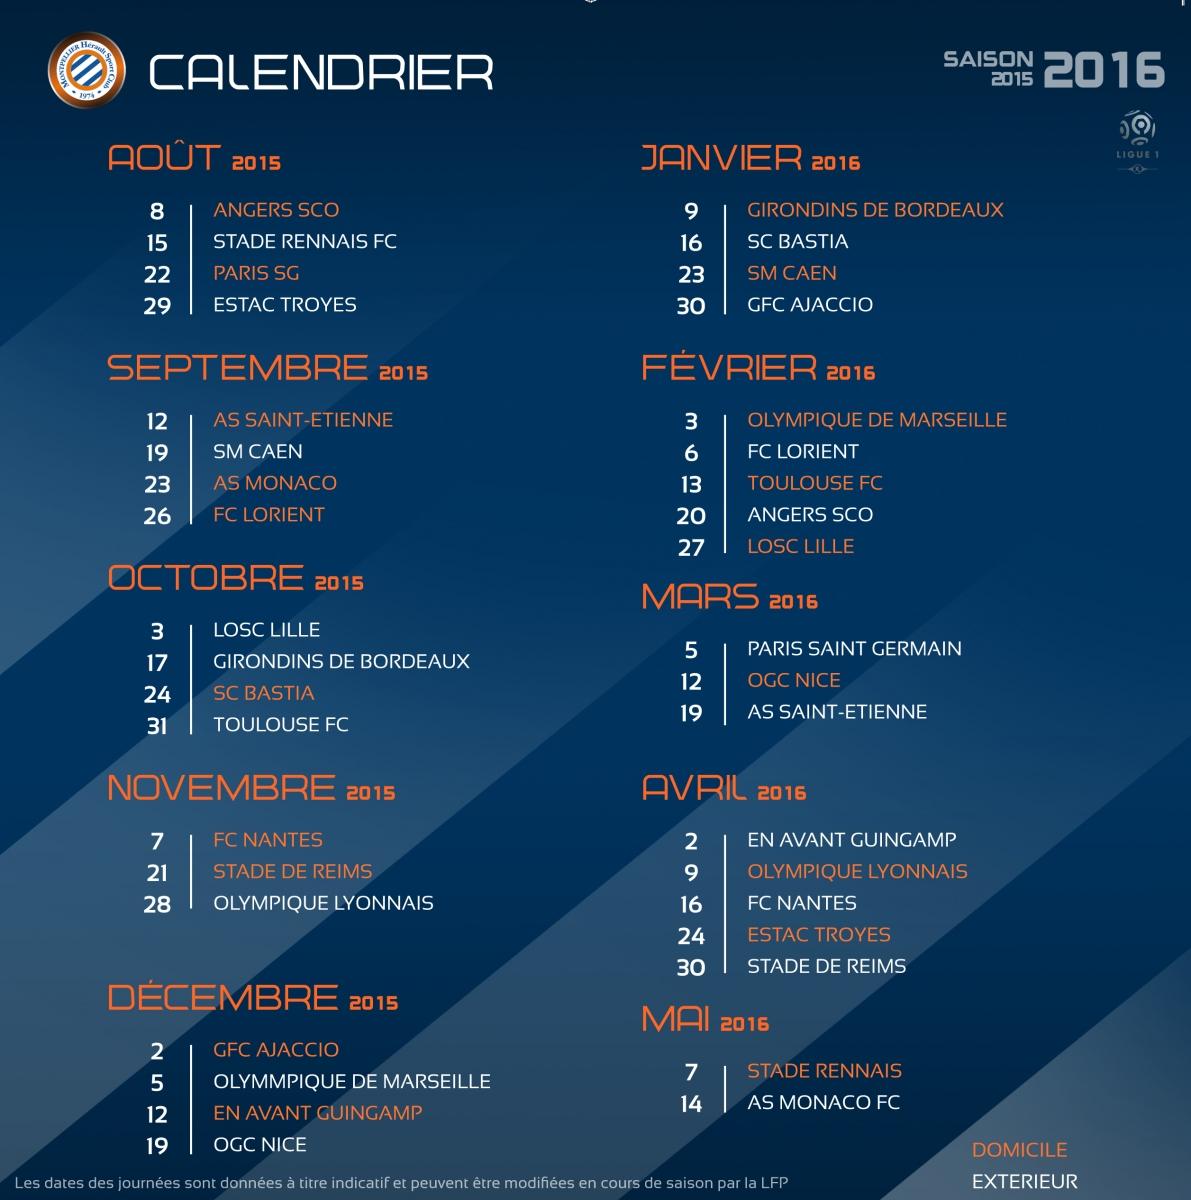 Sco Angers Calendrier.Calendrier Angers A La Mosson Pour Debuter La Saison 2015